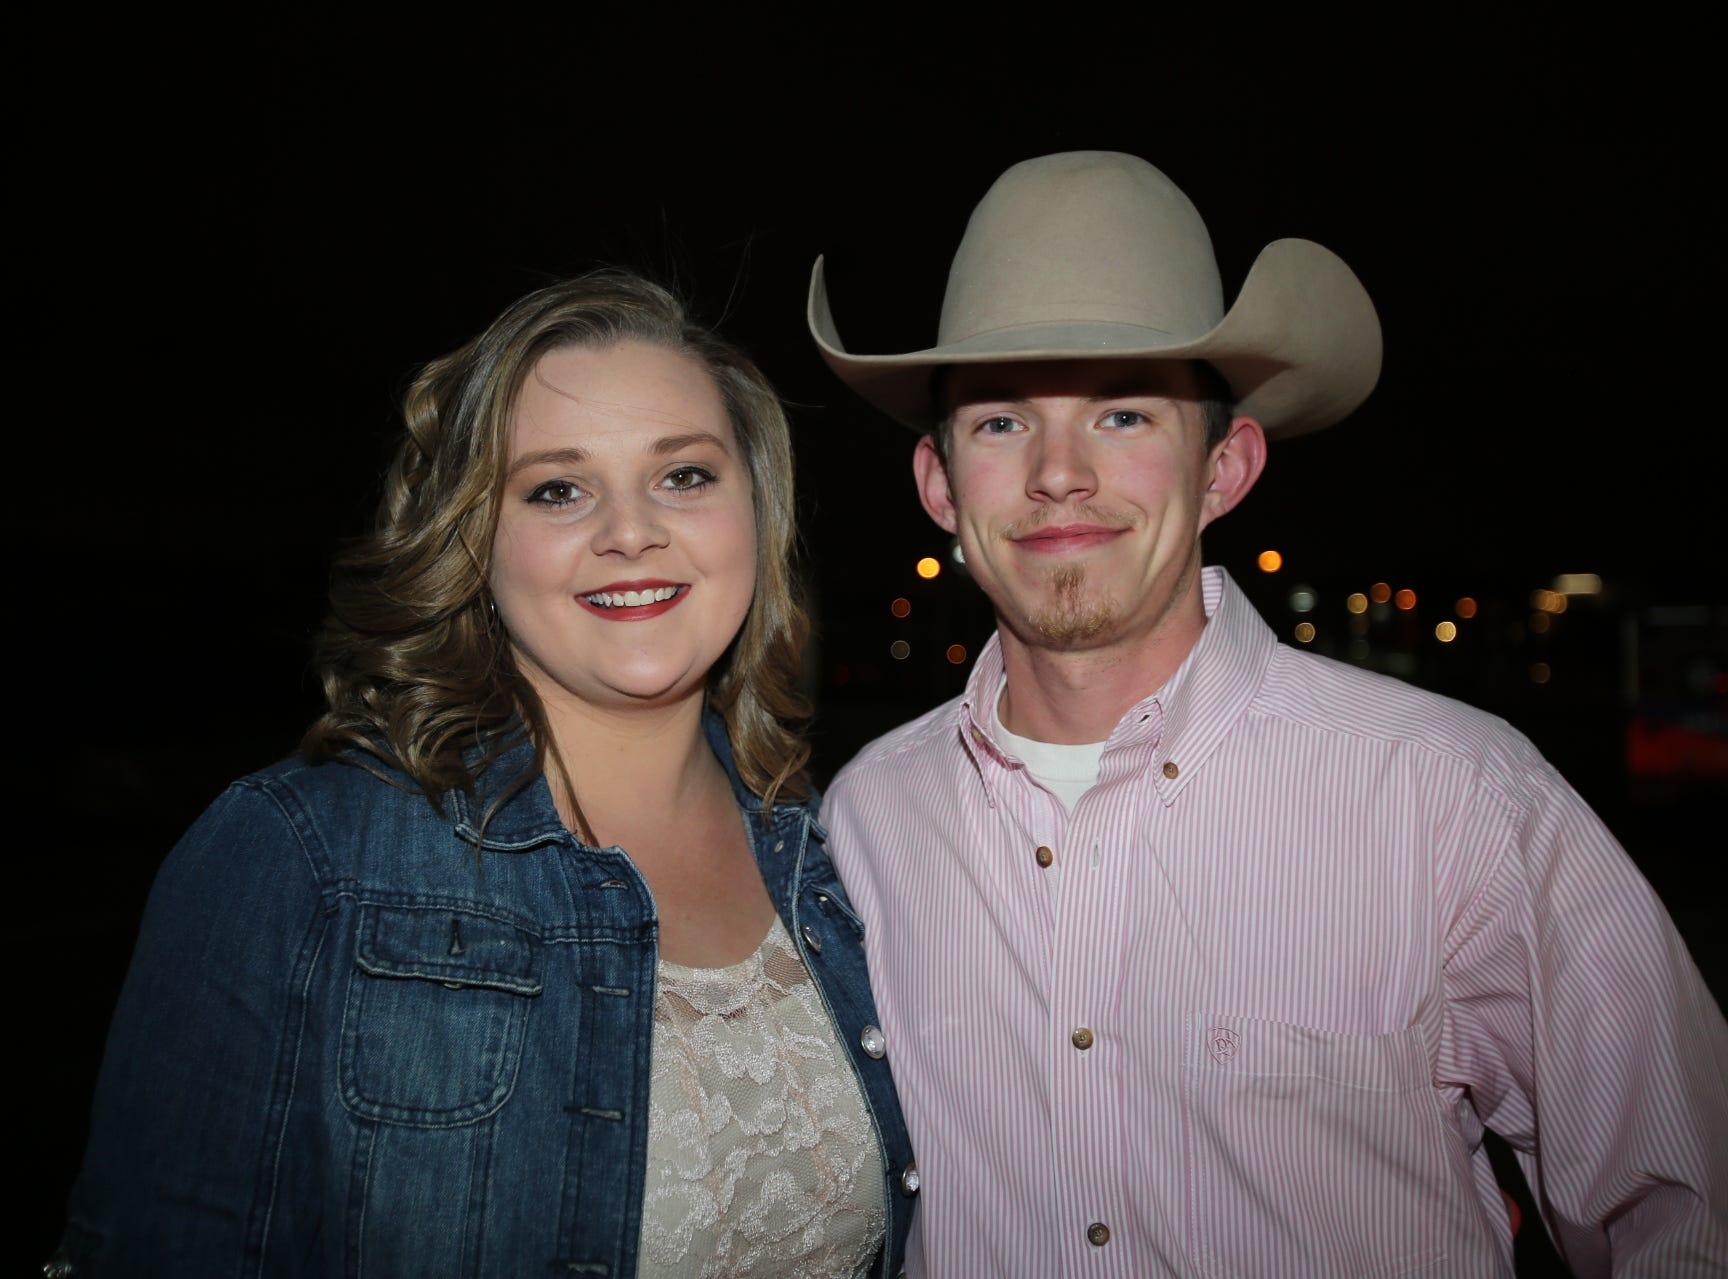 Kaitlynn and Brant Weaver